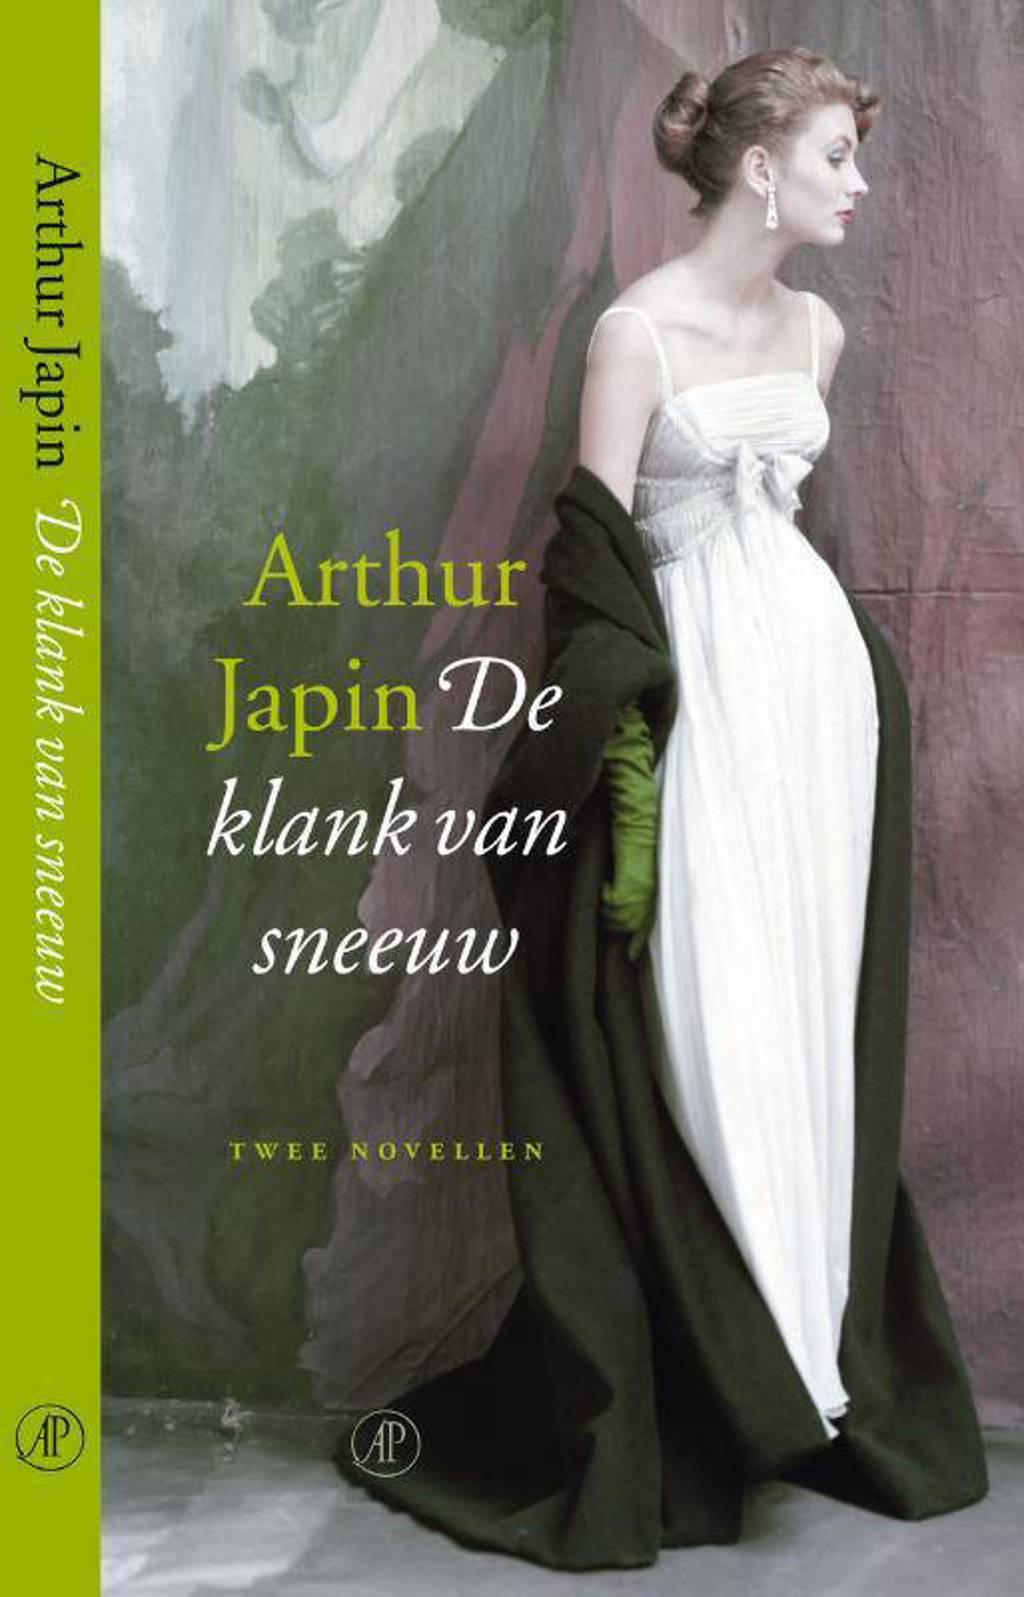 De klank van sneeuw - Arthur Japin